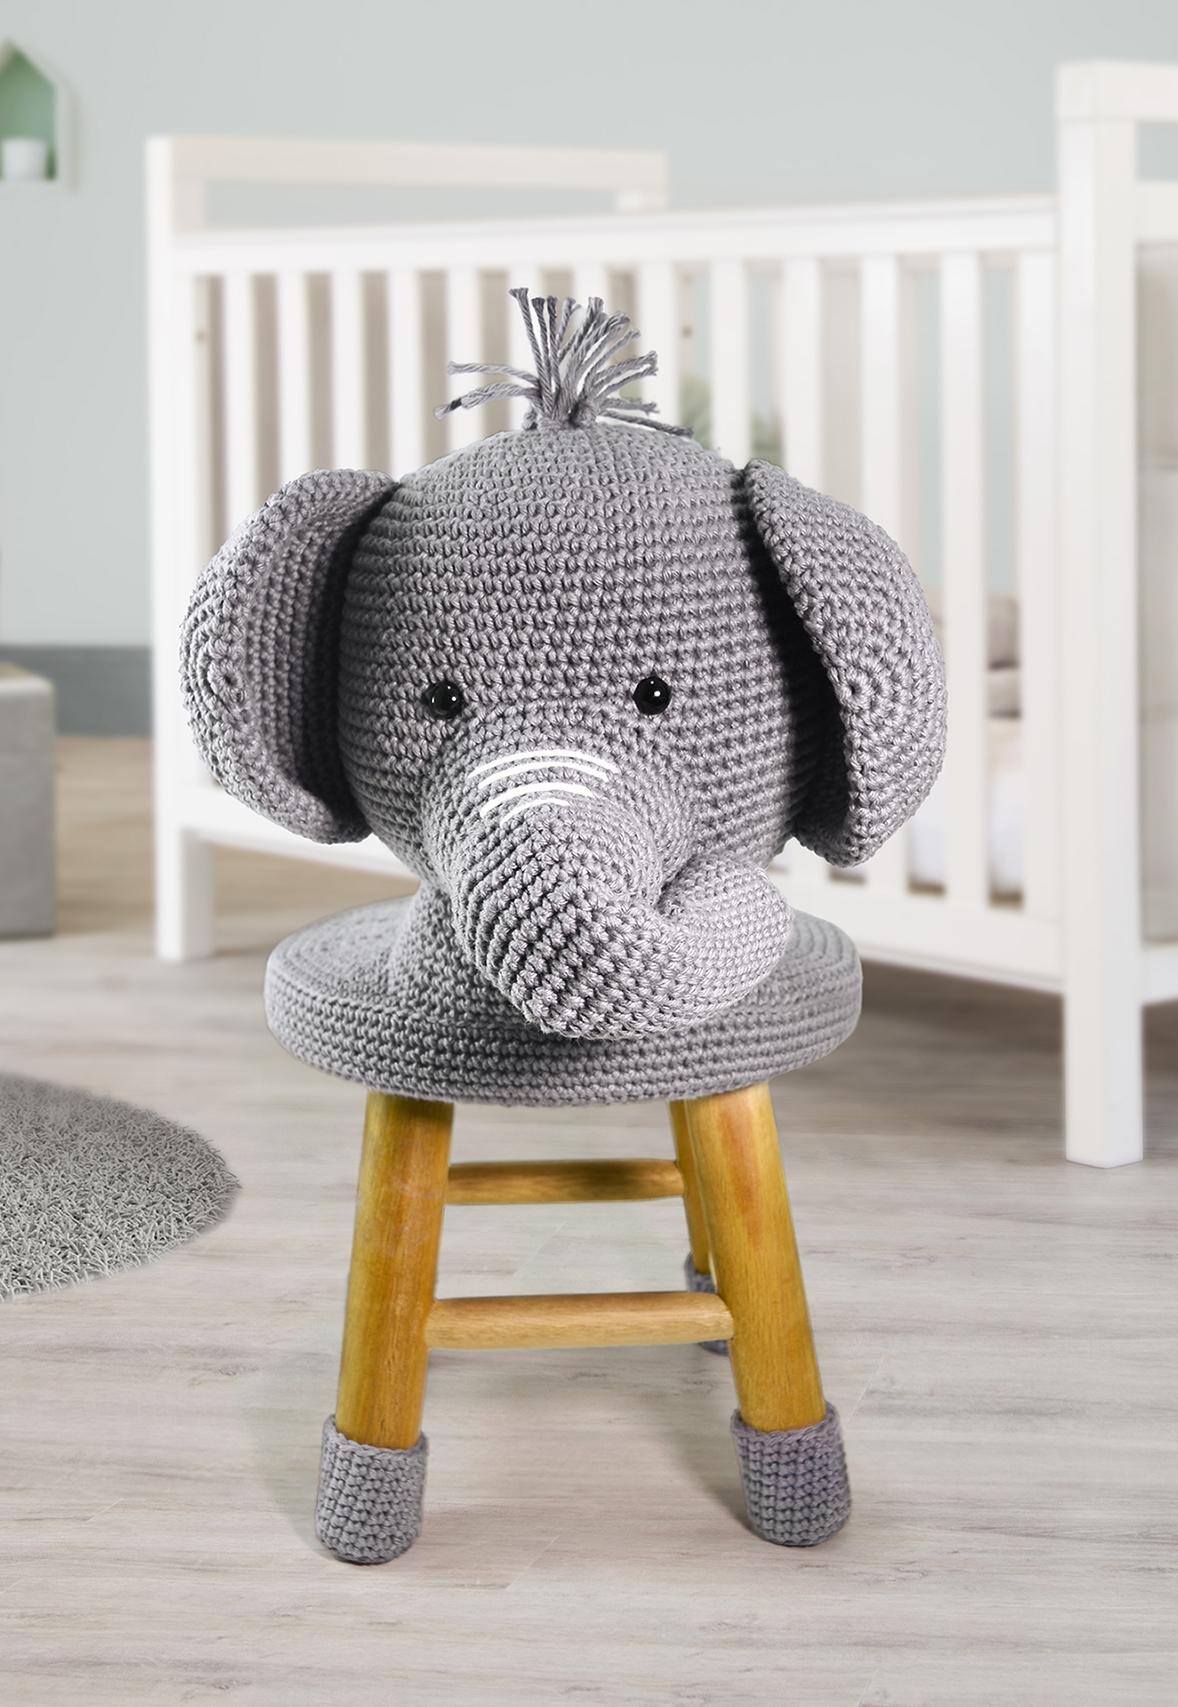 Receita Banquinho Elefante Amigurumi